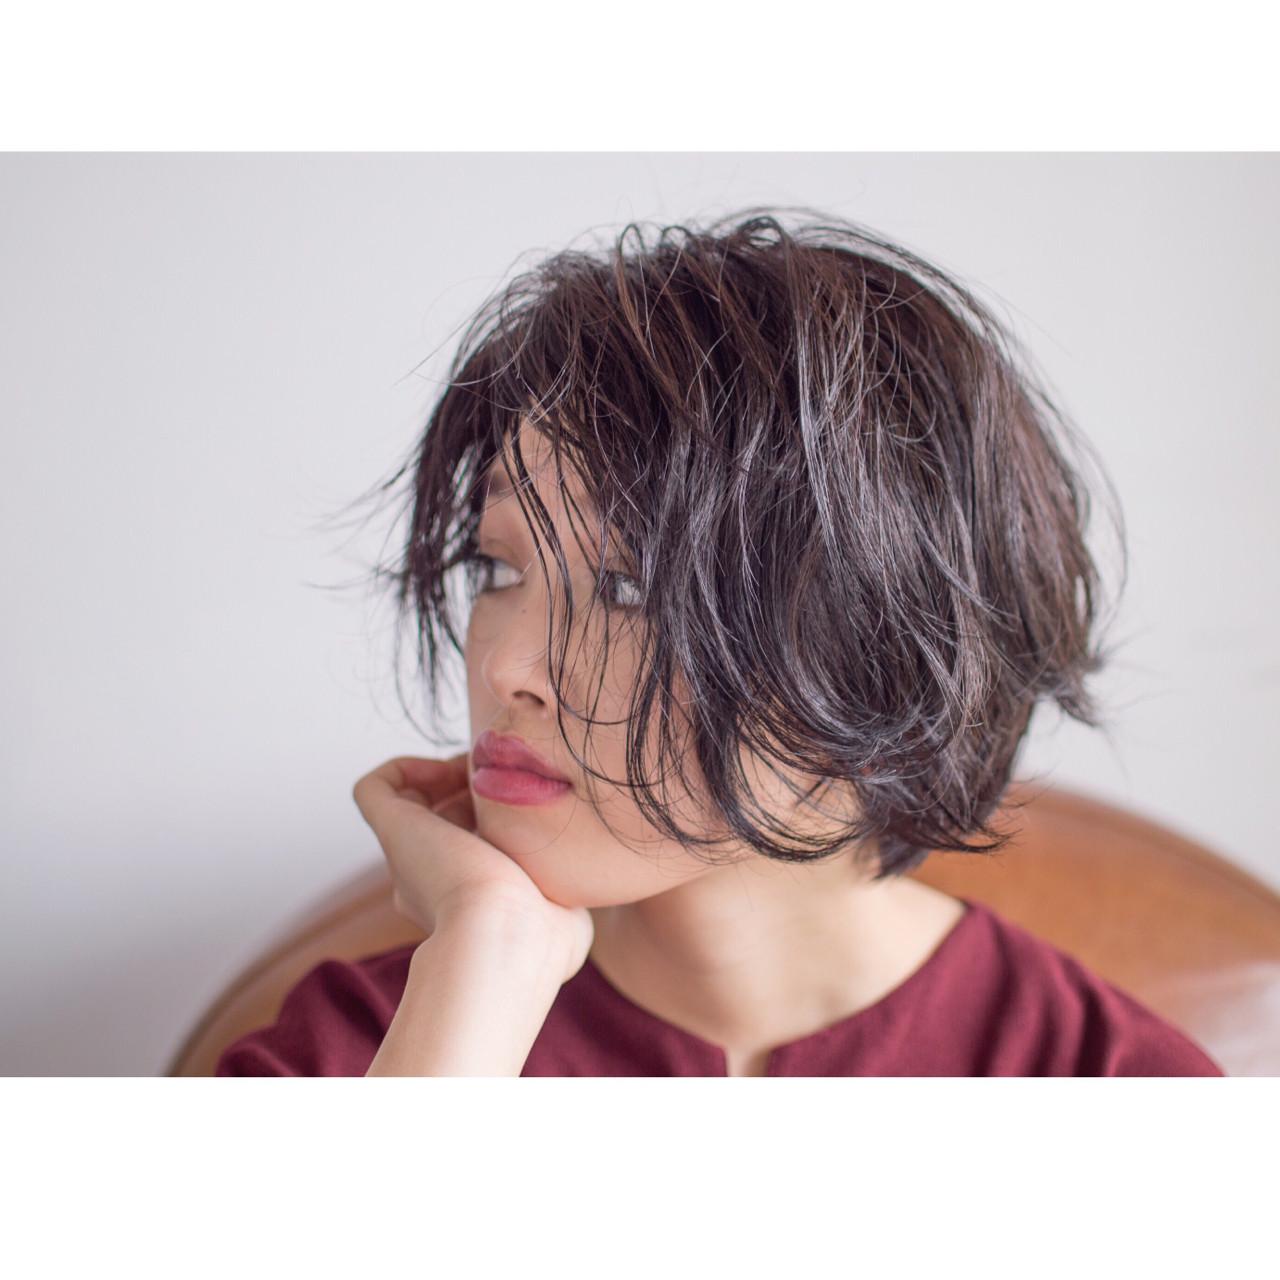 パーマ 前髪なし モード ナチュラル ヘアスタイルや髪型の写真・画像